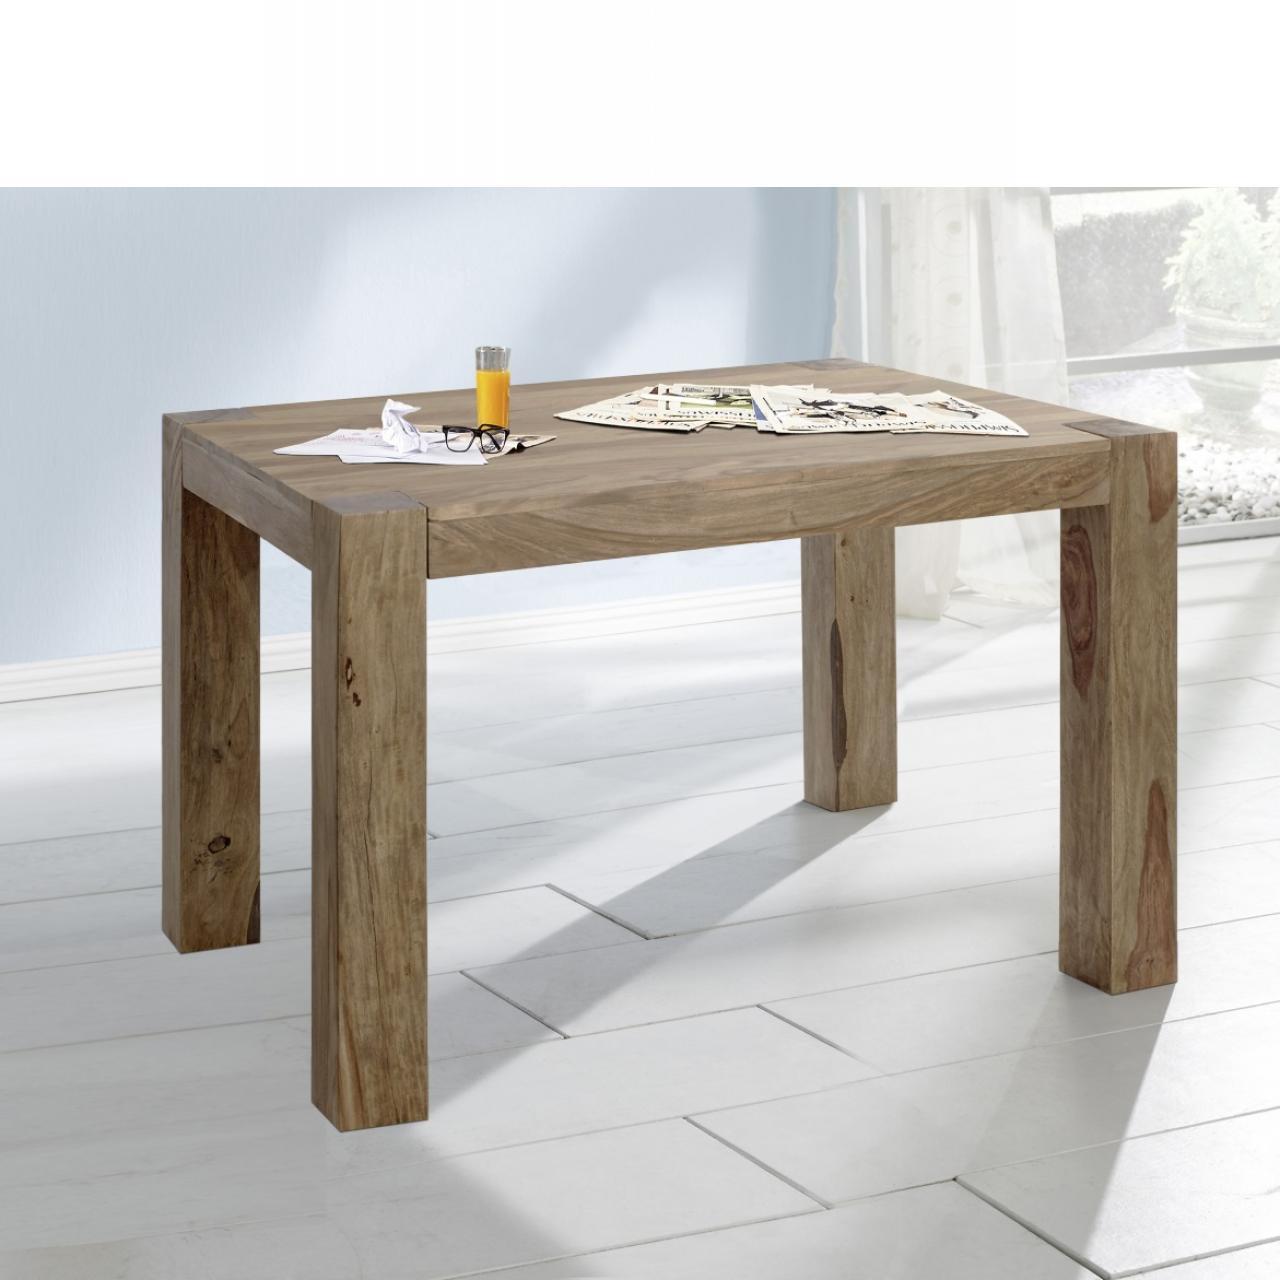 Esstisch Yoga 6516 Shisham Holz Massiv Natur Küchentisch Tisch